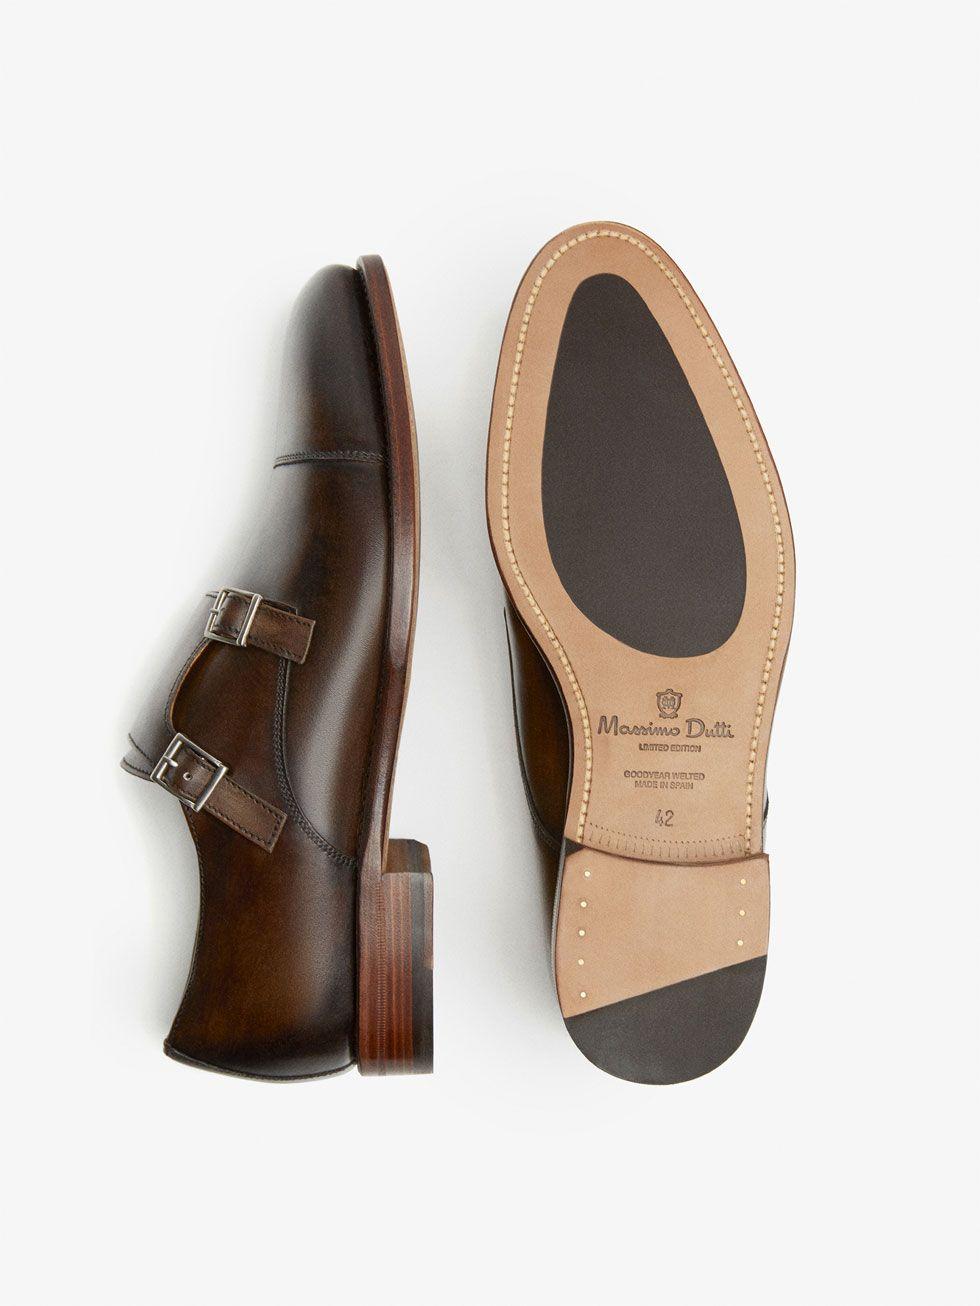 6efb9dc9a6 Zapatos - HOMBRE - Massimo Dutti   zapatos hombres   Zapatos ...